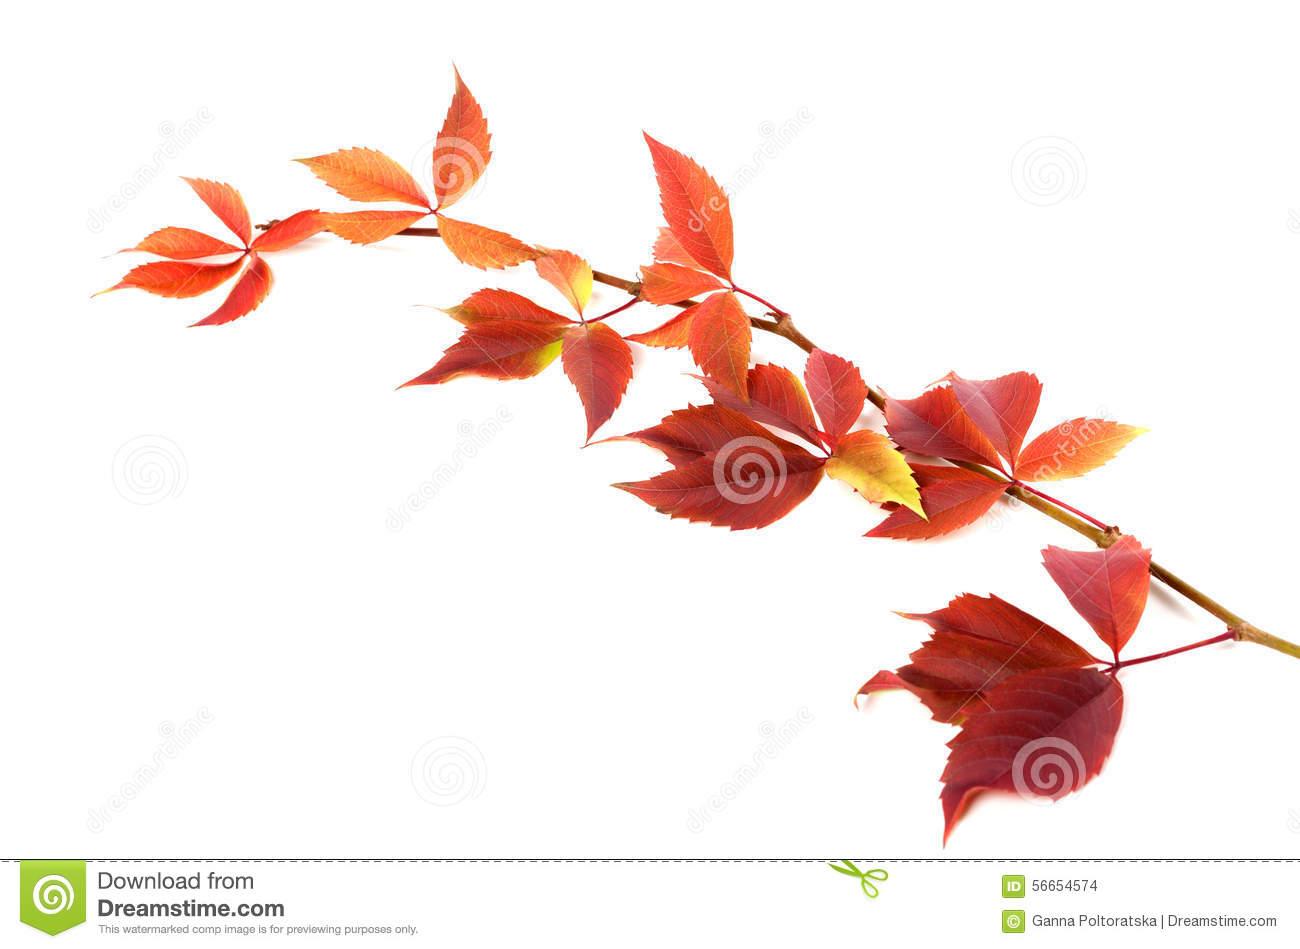 Autumnal Twig Of Grapes Leaves (Parthenocissus Quinquefolia Foli.